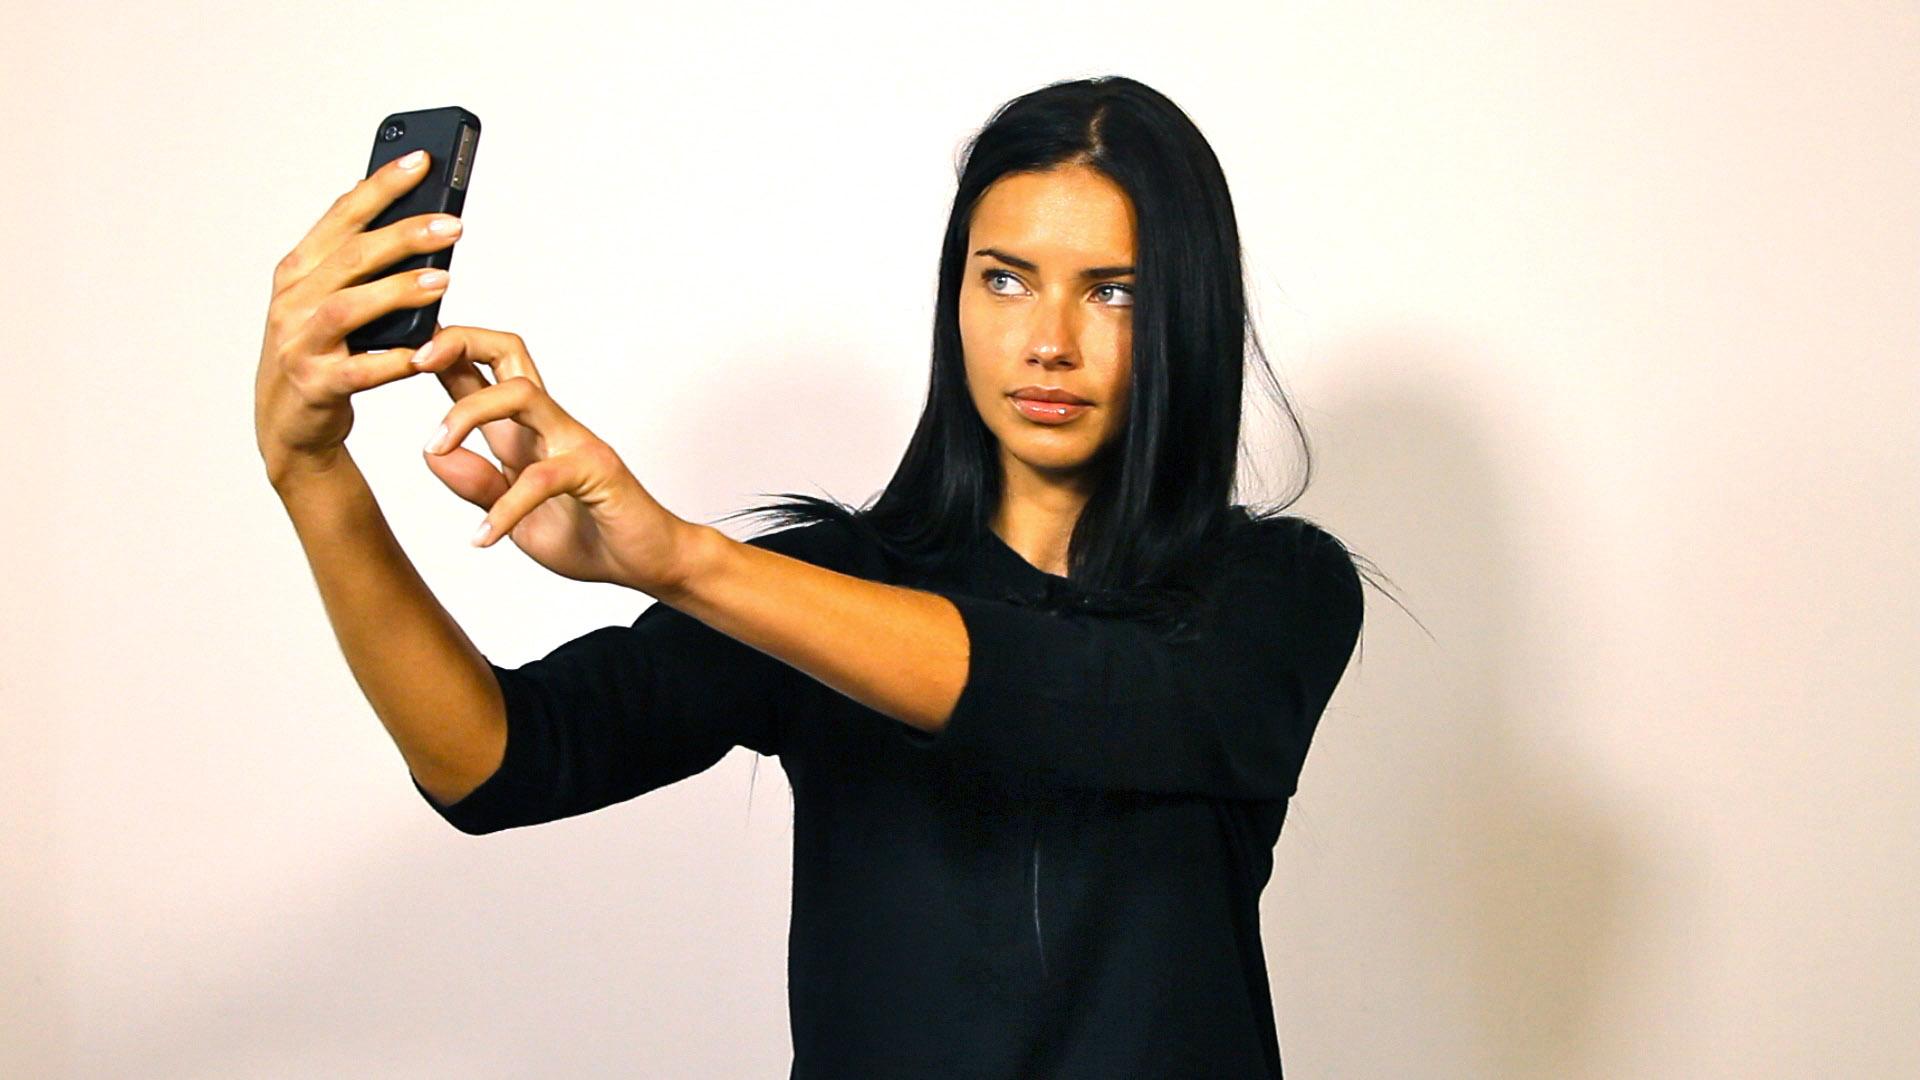 Un grupo de investigadores desarrolló una app que utiliza la cámara de un Smartphone para monitorear la sangre